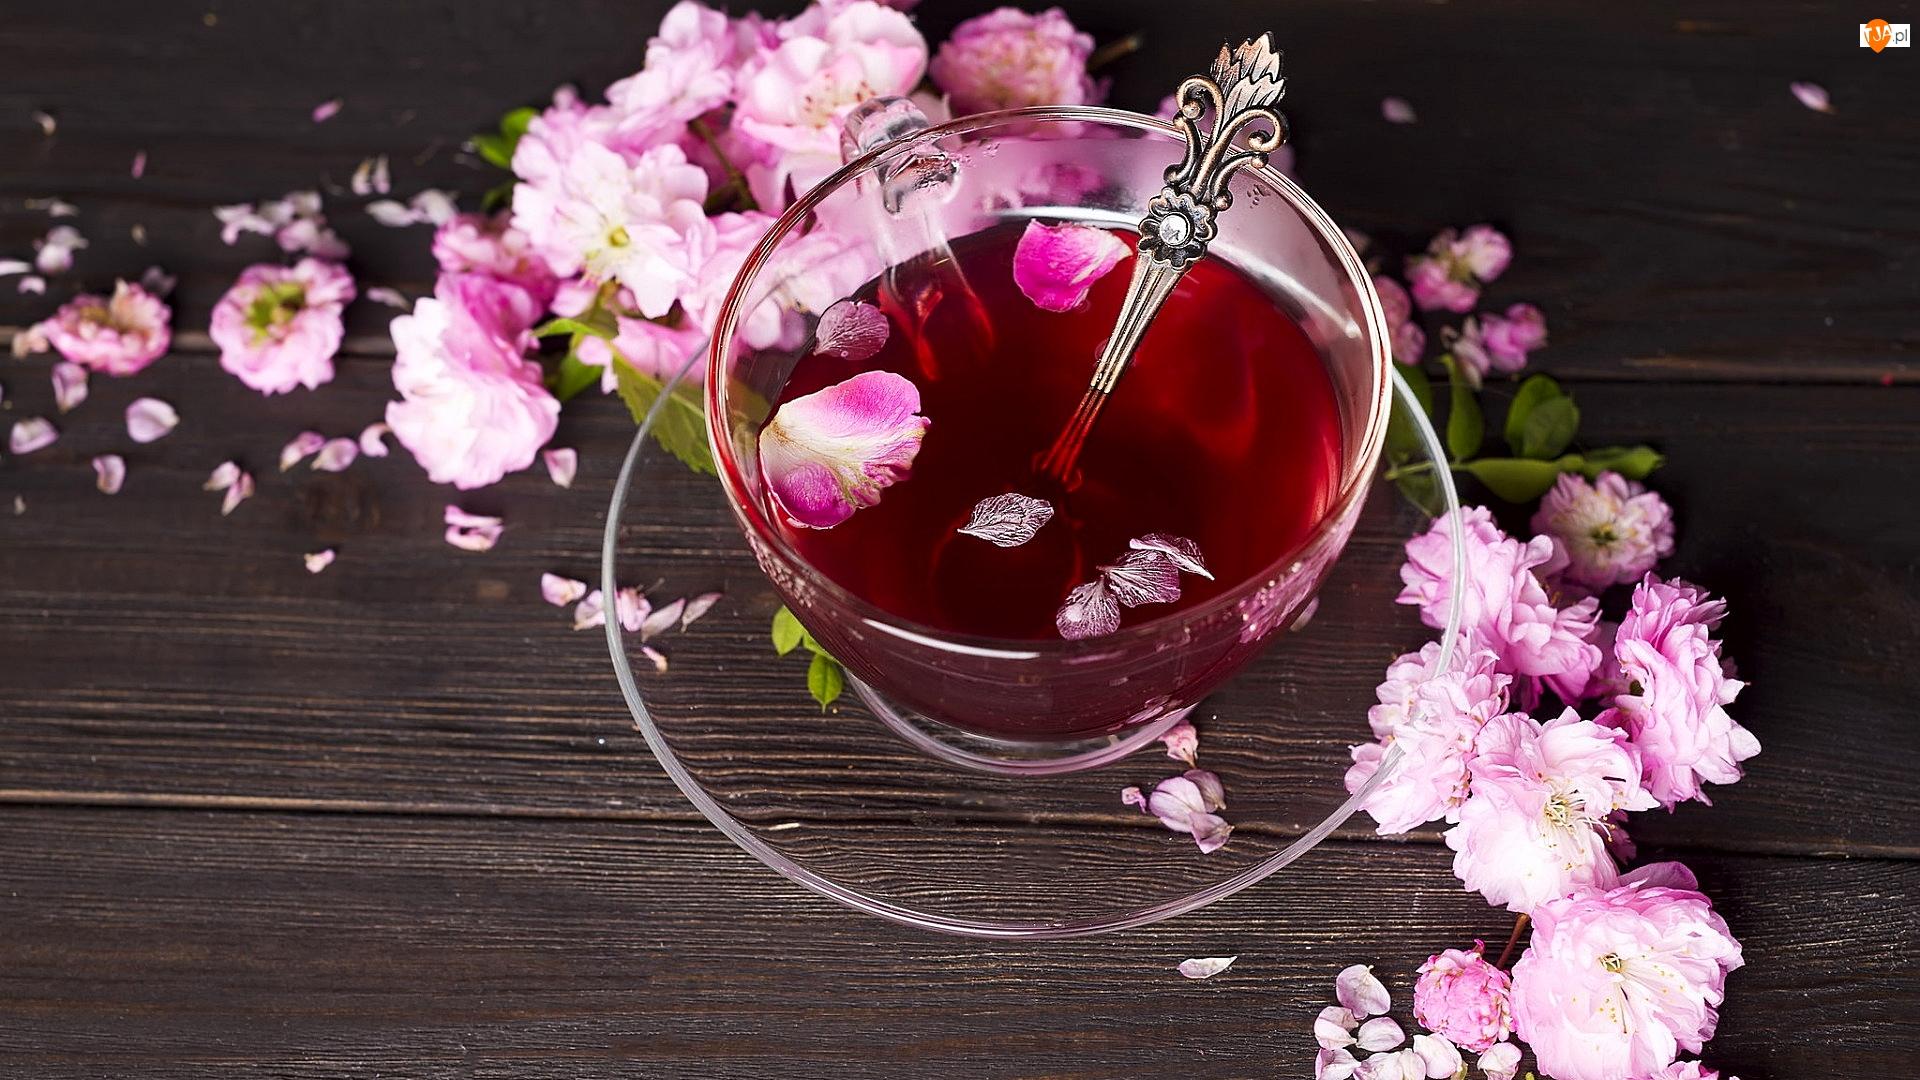 Herbata, Filiżanka, Różowe, Deski, Łyżeczka, Kwiatki